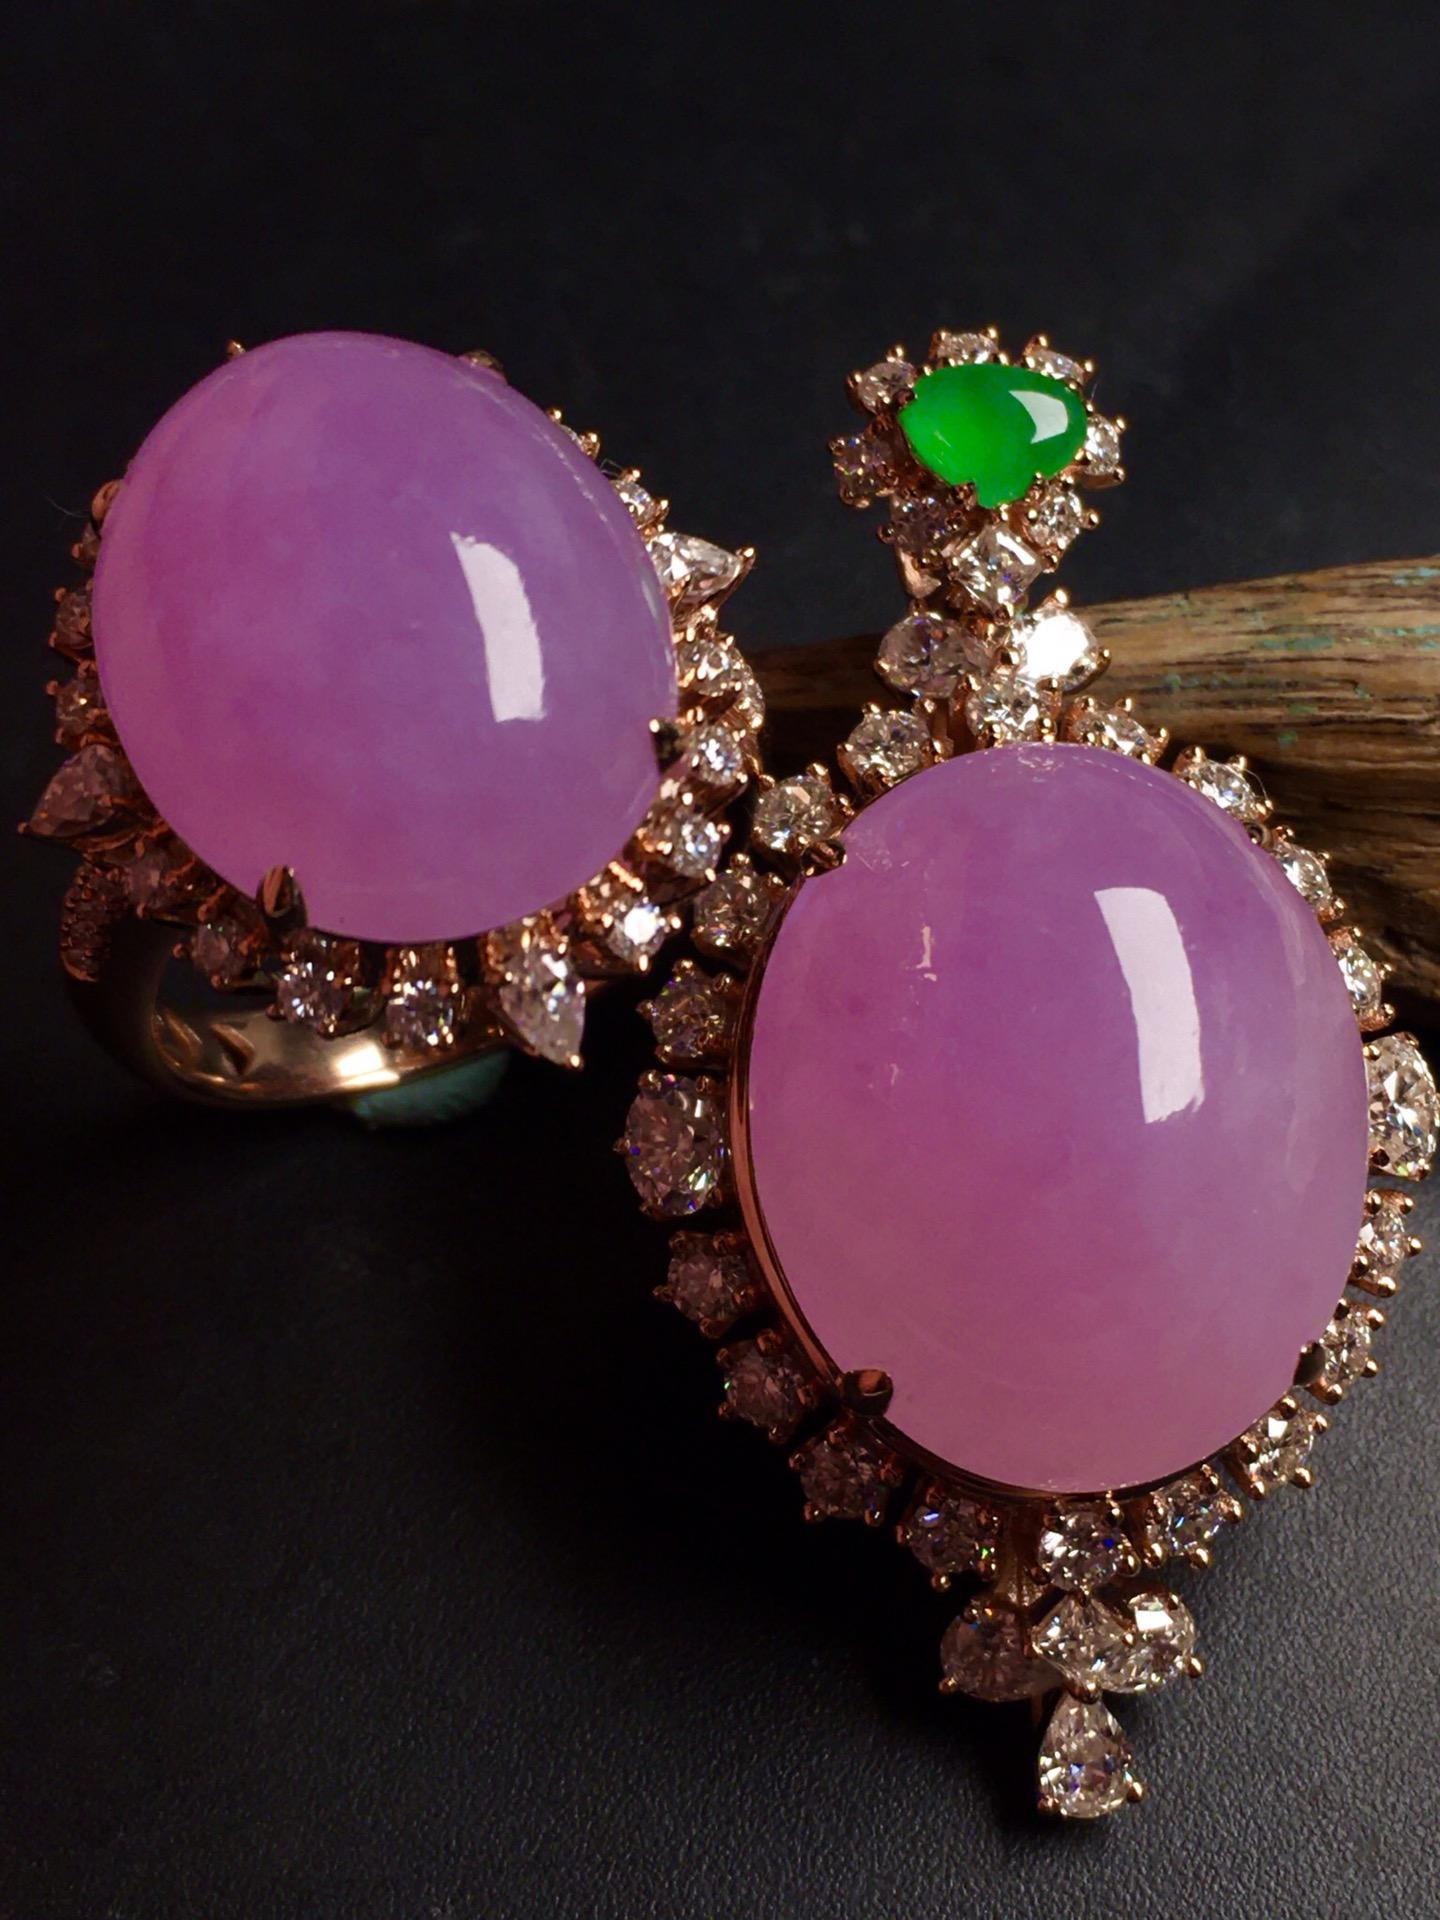 超值,美极了❤【套装,紫罗兰】通透,水润,完美,18k金华奢钻镶石嵌☕第2张